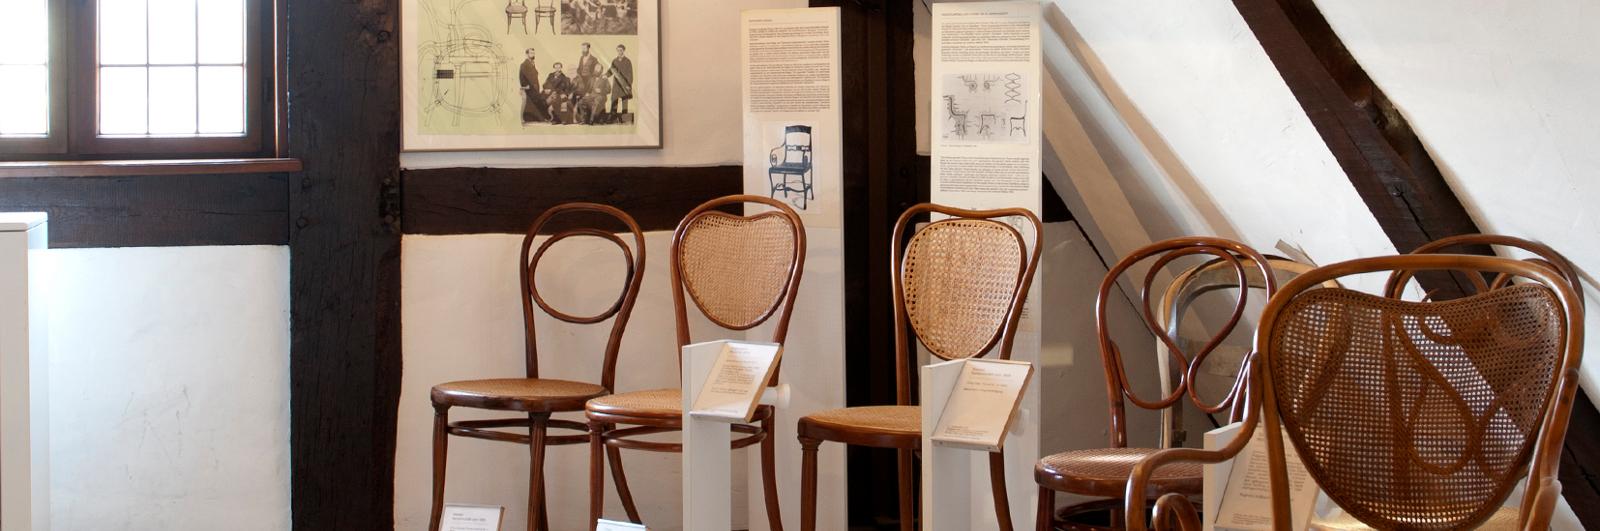 Detmold Innenarchitektur möbel und innenarchitektur lippisches landesmuseum detmold